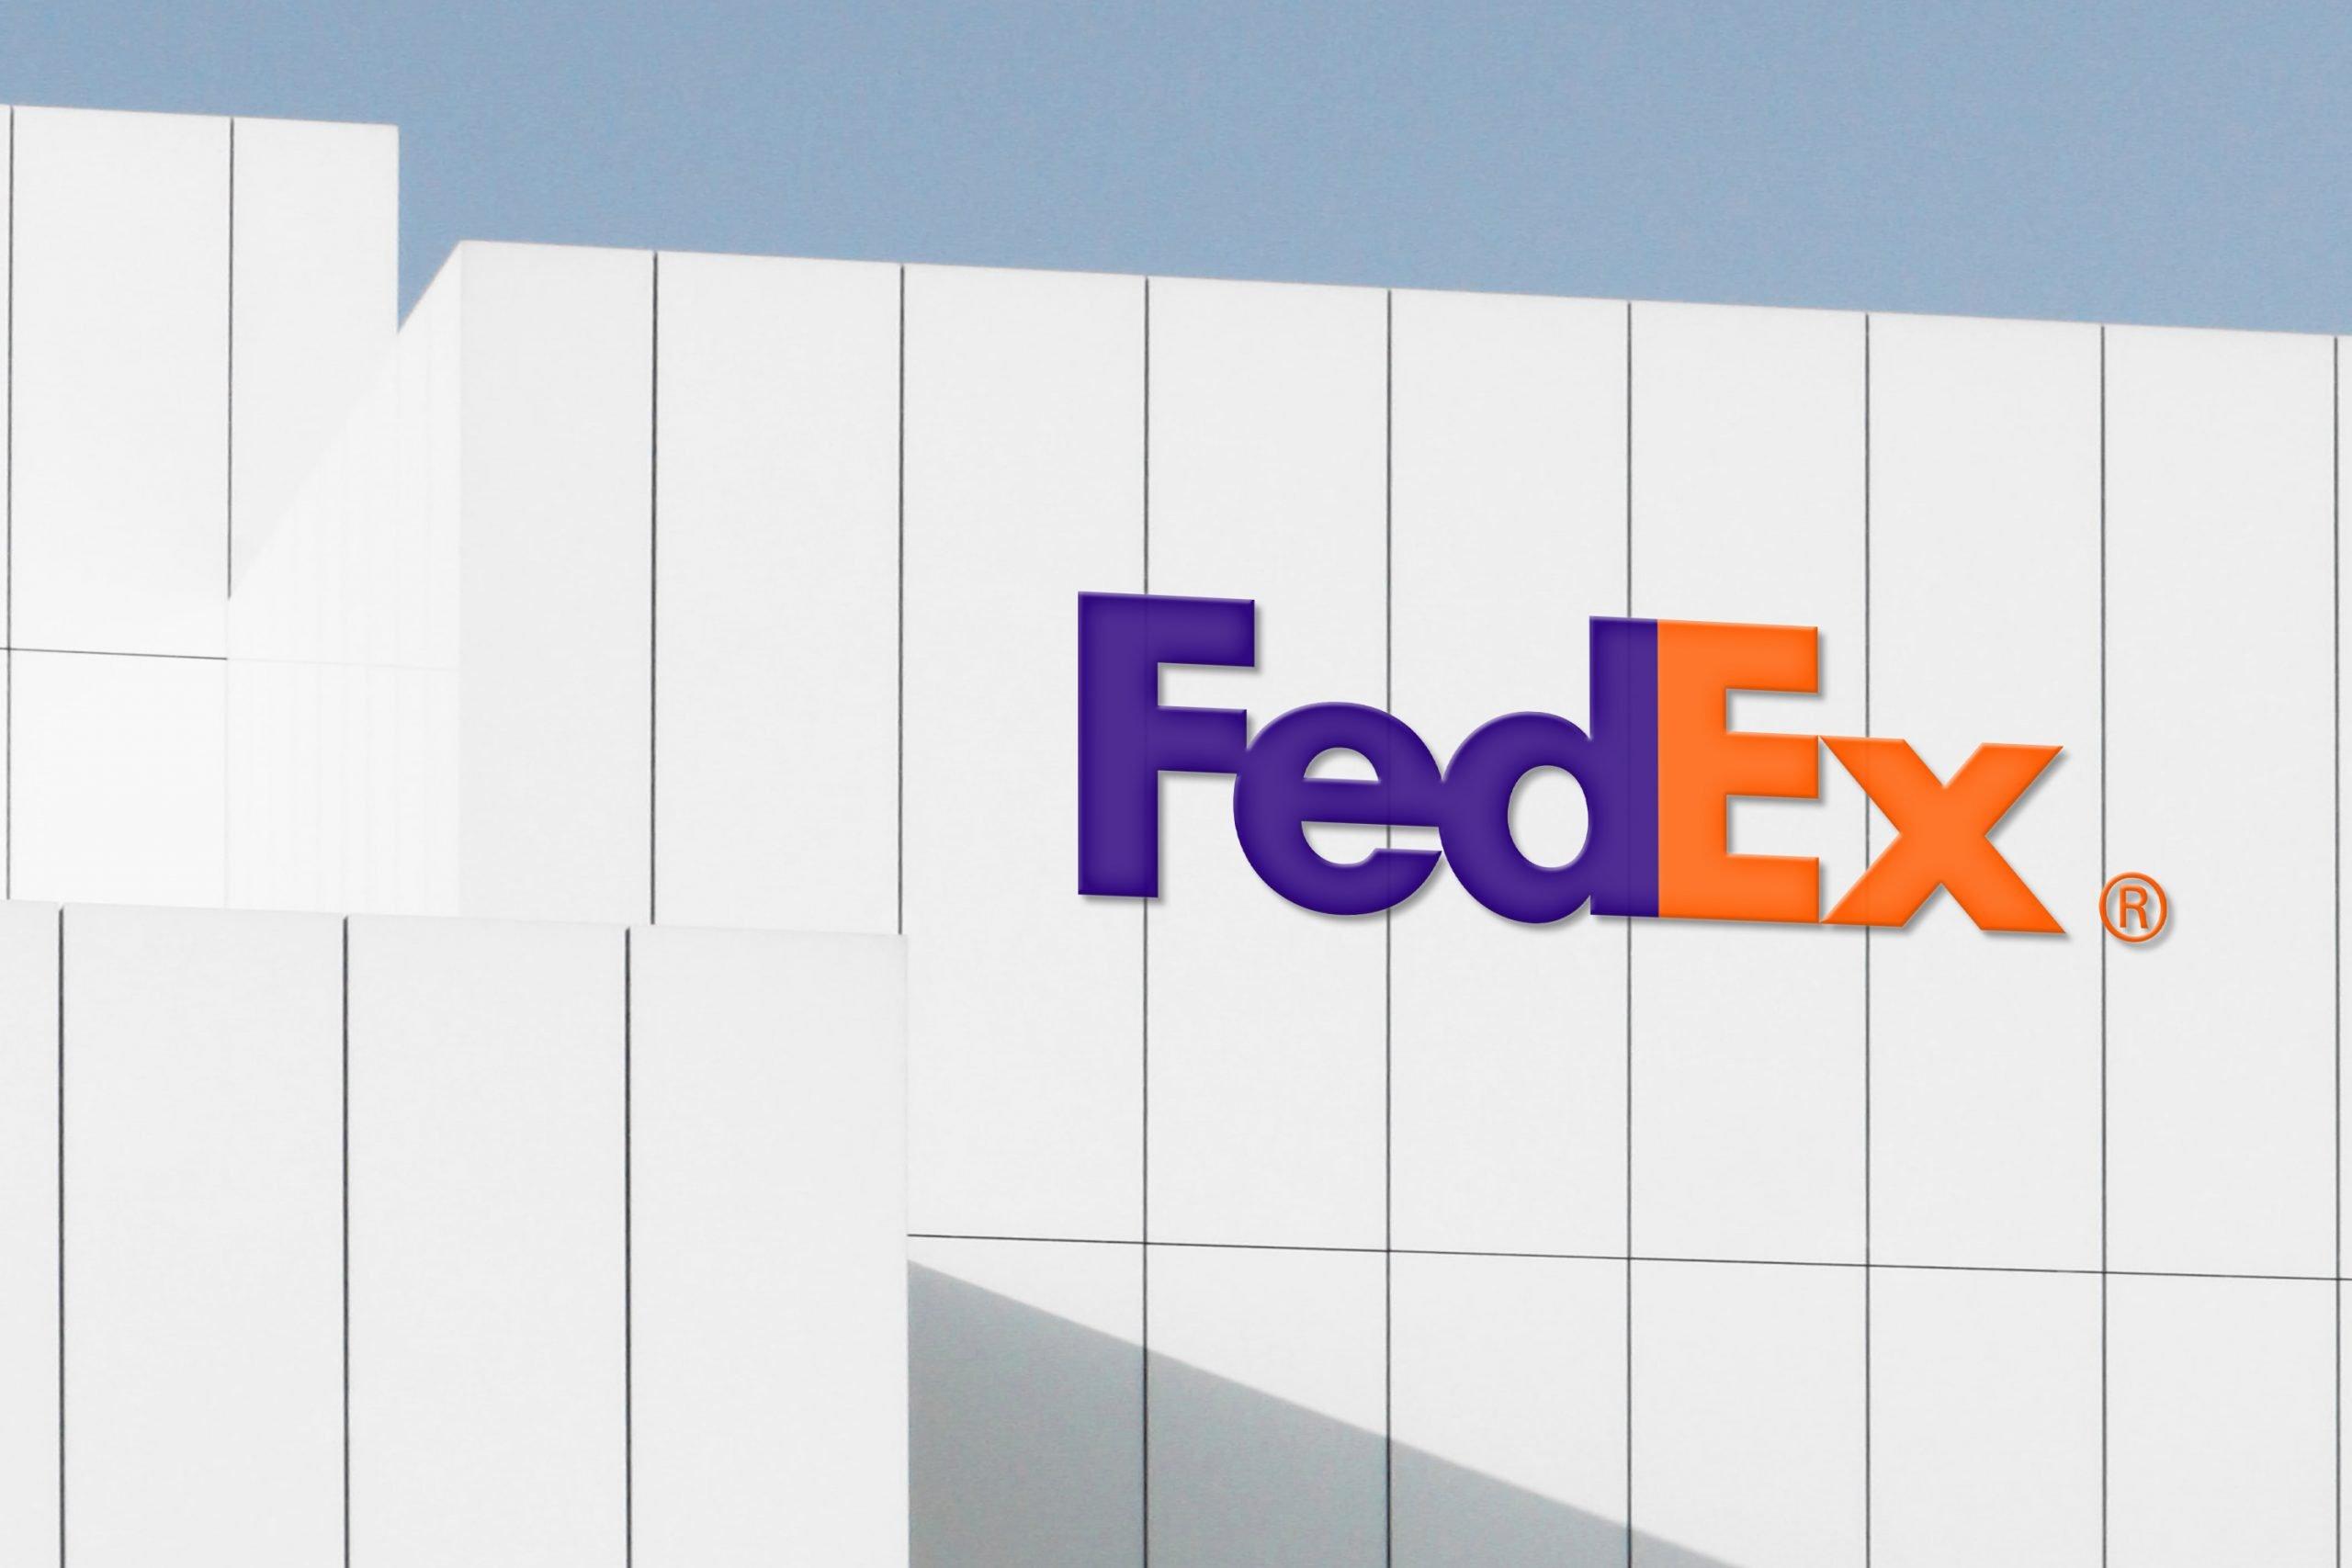 Elegant Business Building Logo mockup download